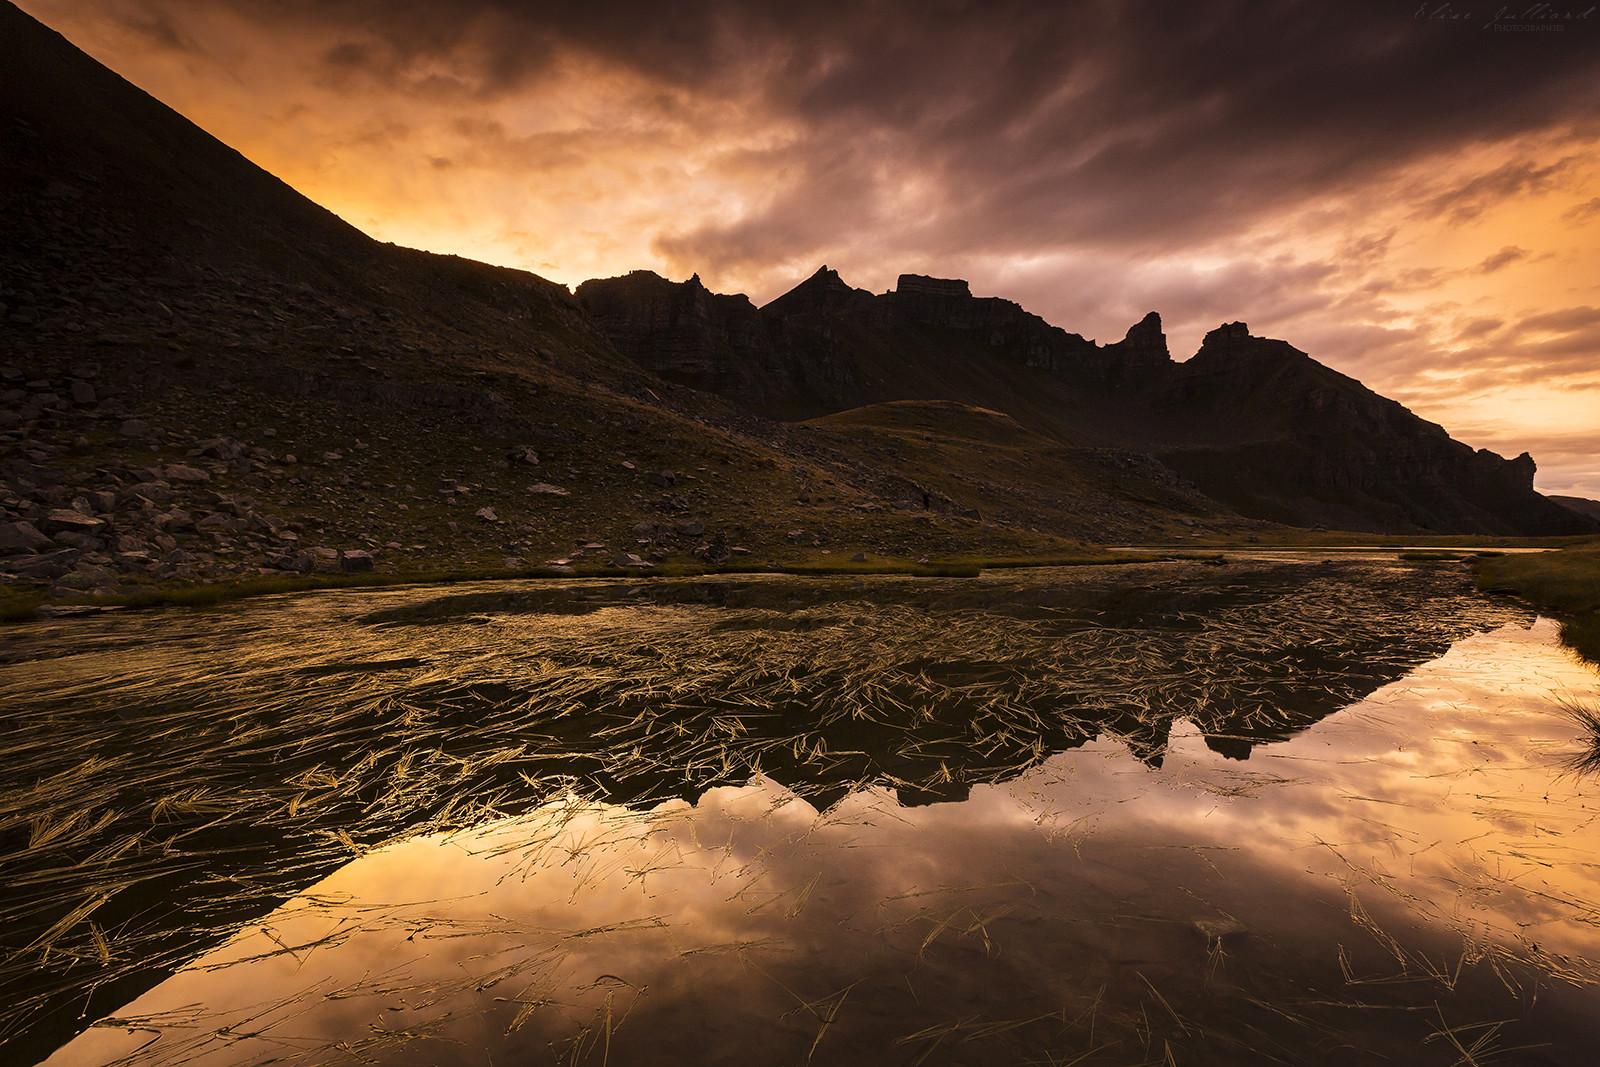 elise-julliard-photographe-paysage-landscape-parc-national-du-mercantour-alpes-maritimes-provence-alpes-cote-dazur-france